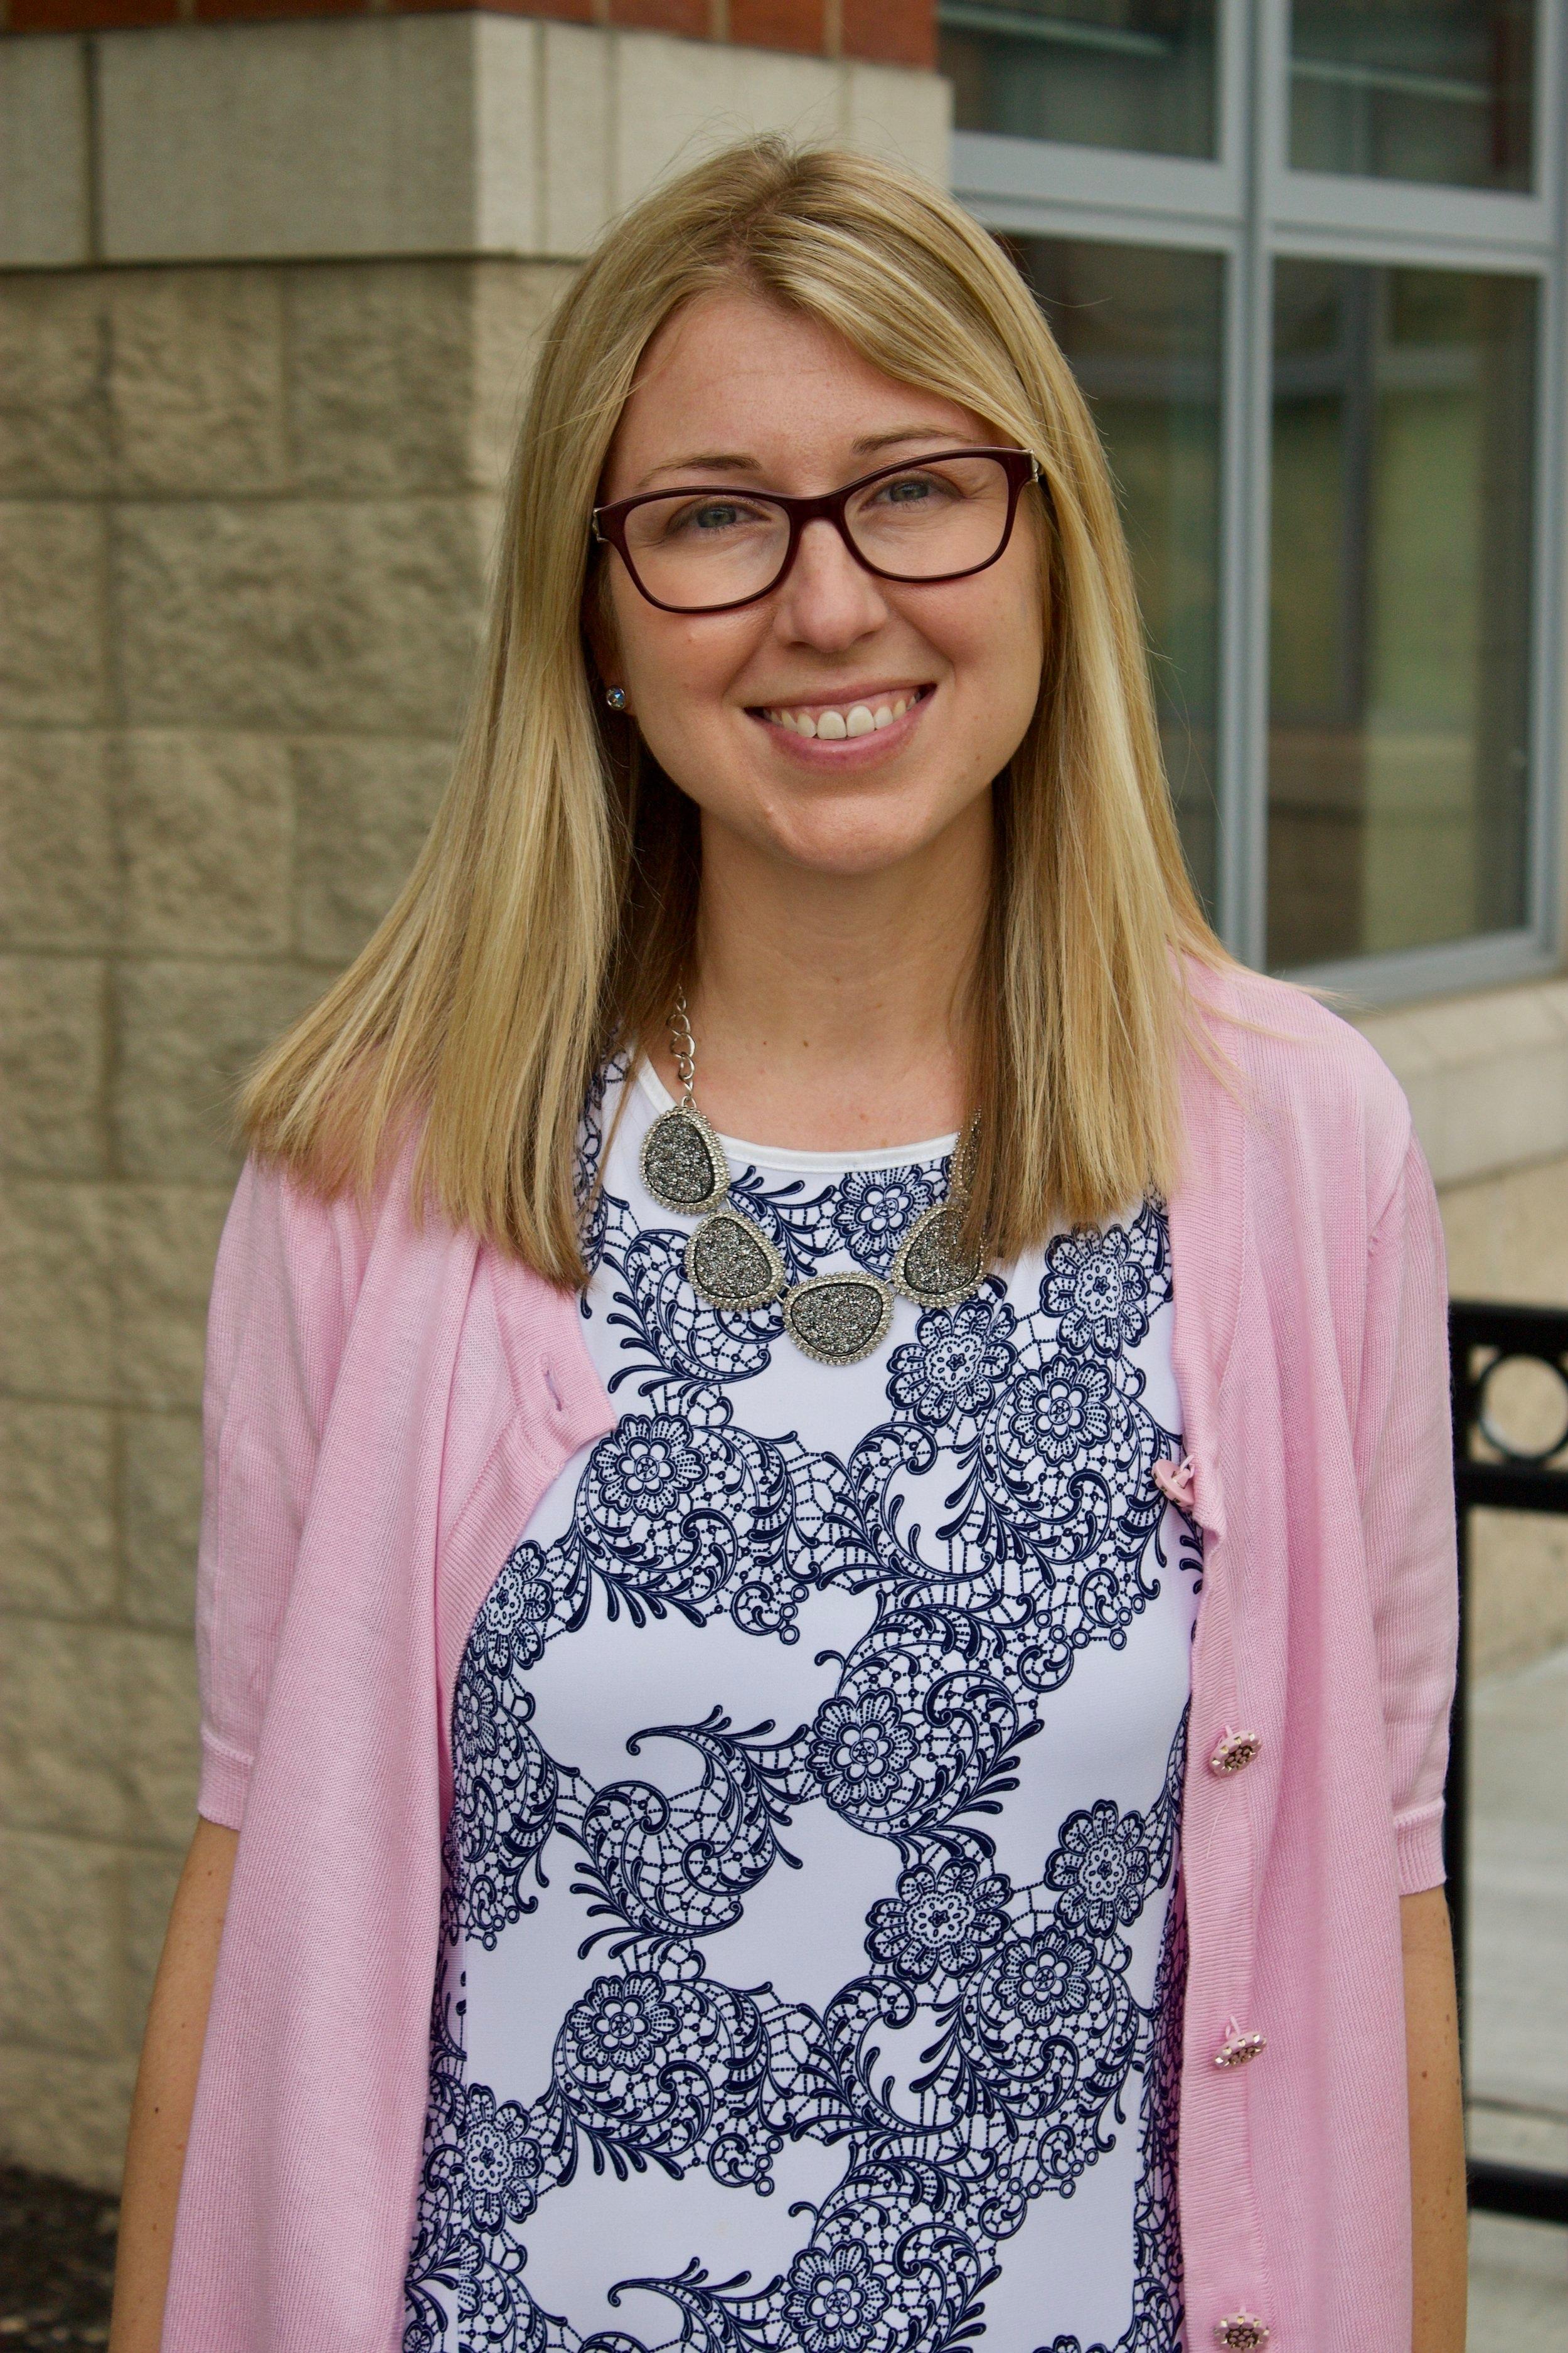 Christine Harpring   - Level 1 Teacher (Room 119)